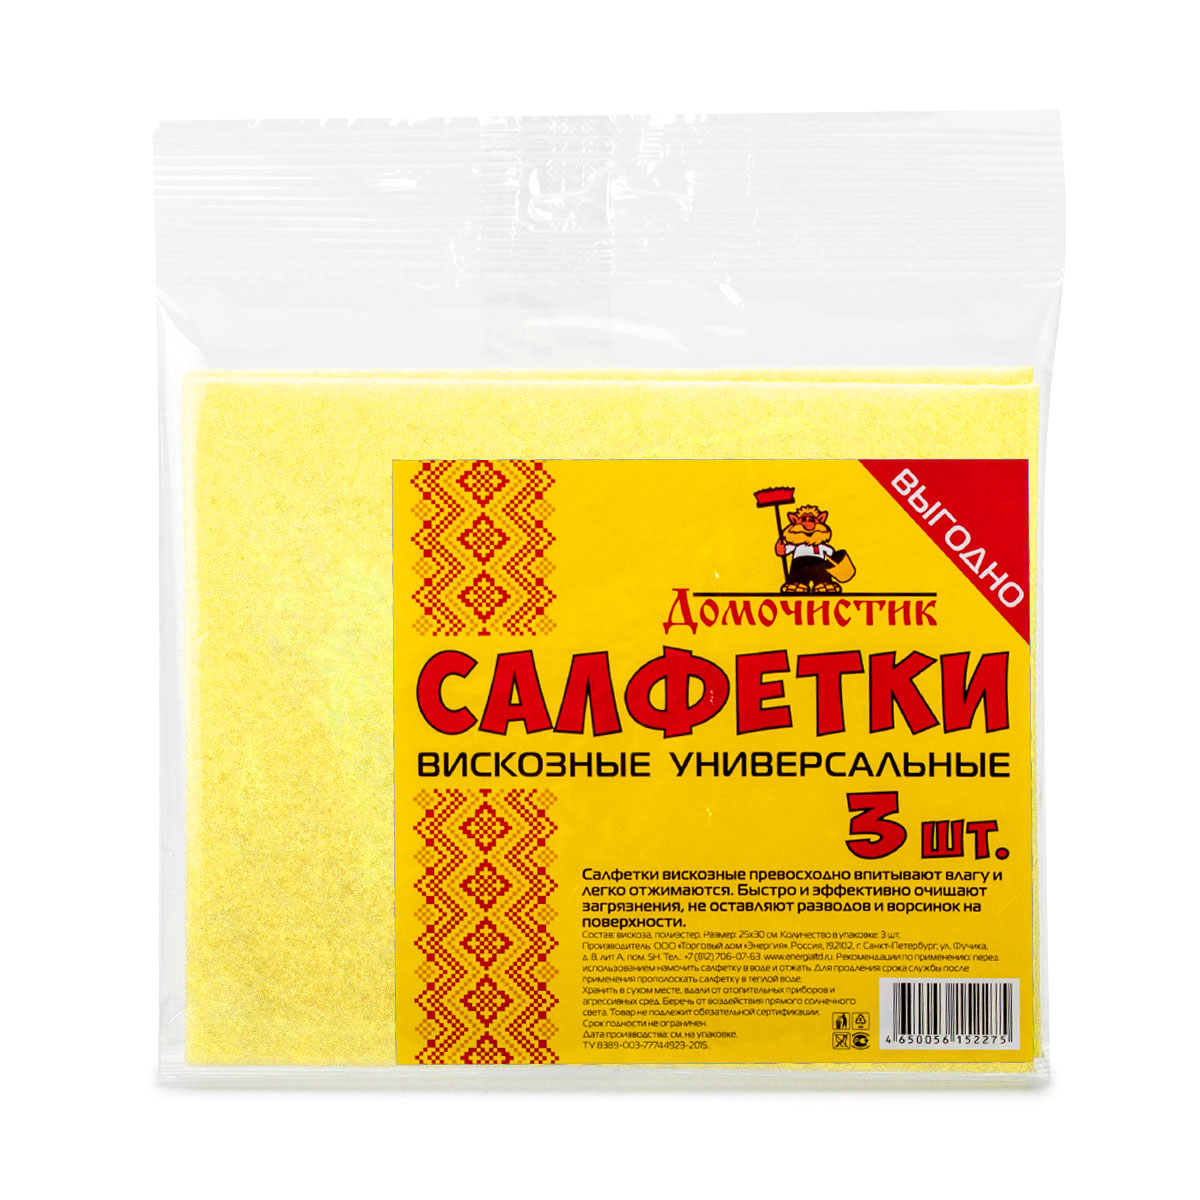 Салфетка для уборки Домочистик из вискозы, универсальная, цвет: желтый, 25 x 30 см, 3 штVCA-00Салфетки для уборки Домочистик, выполненные из вискозы и полиэстера, превосходно впитывают влагу и легко отжимаются. Они быстро и эффективно очищают загрязнения, не оставляют разводов и ворсинок на поверхности.В комплекте 3 салфетки.